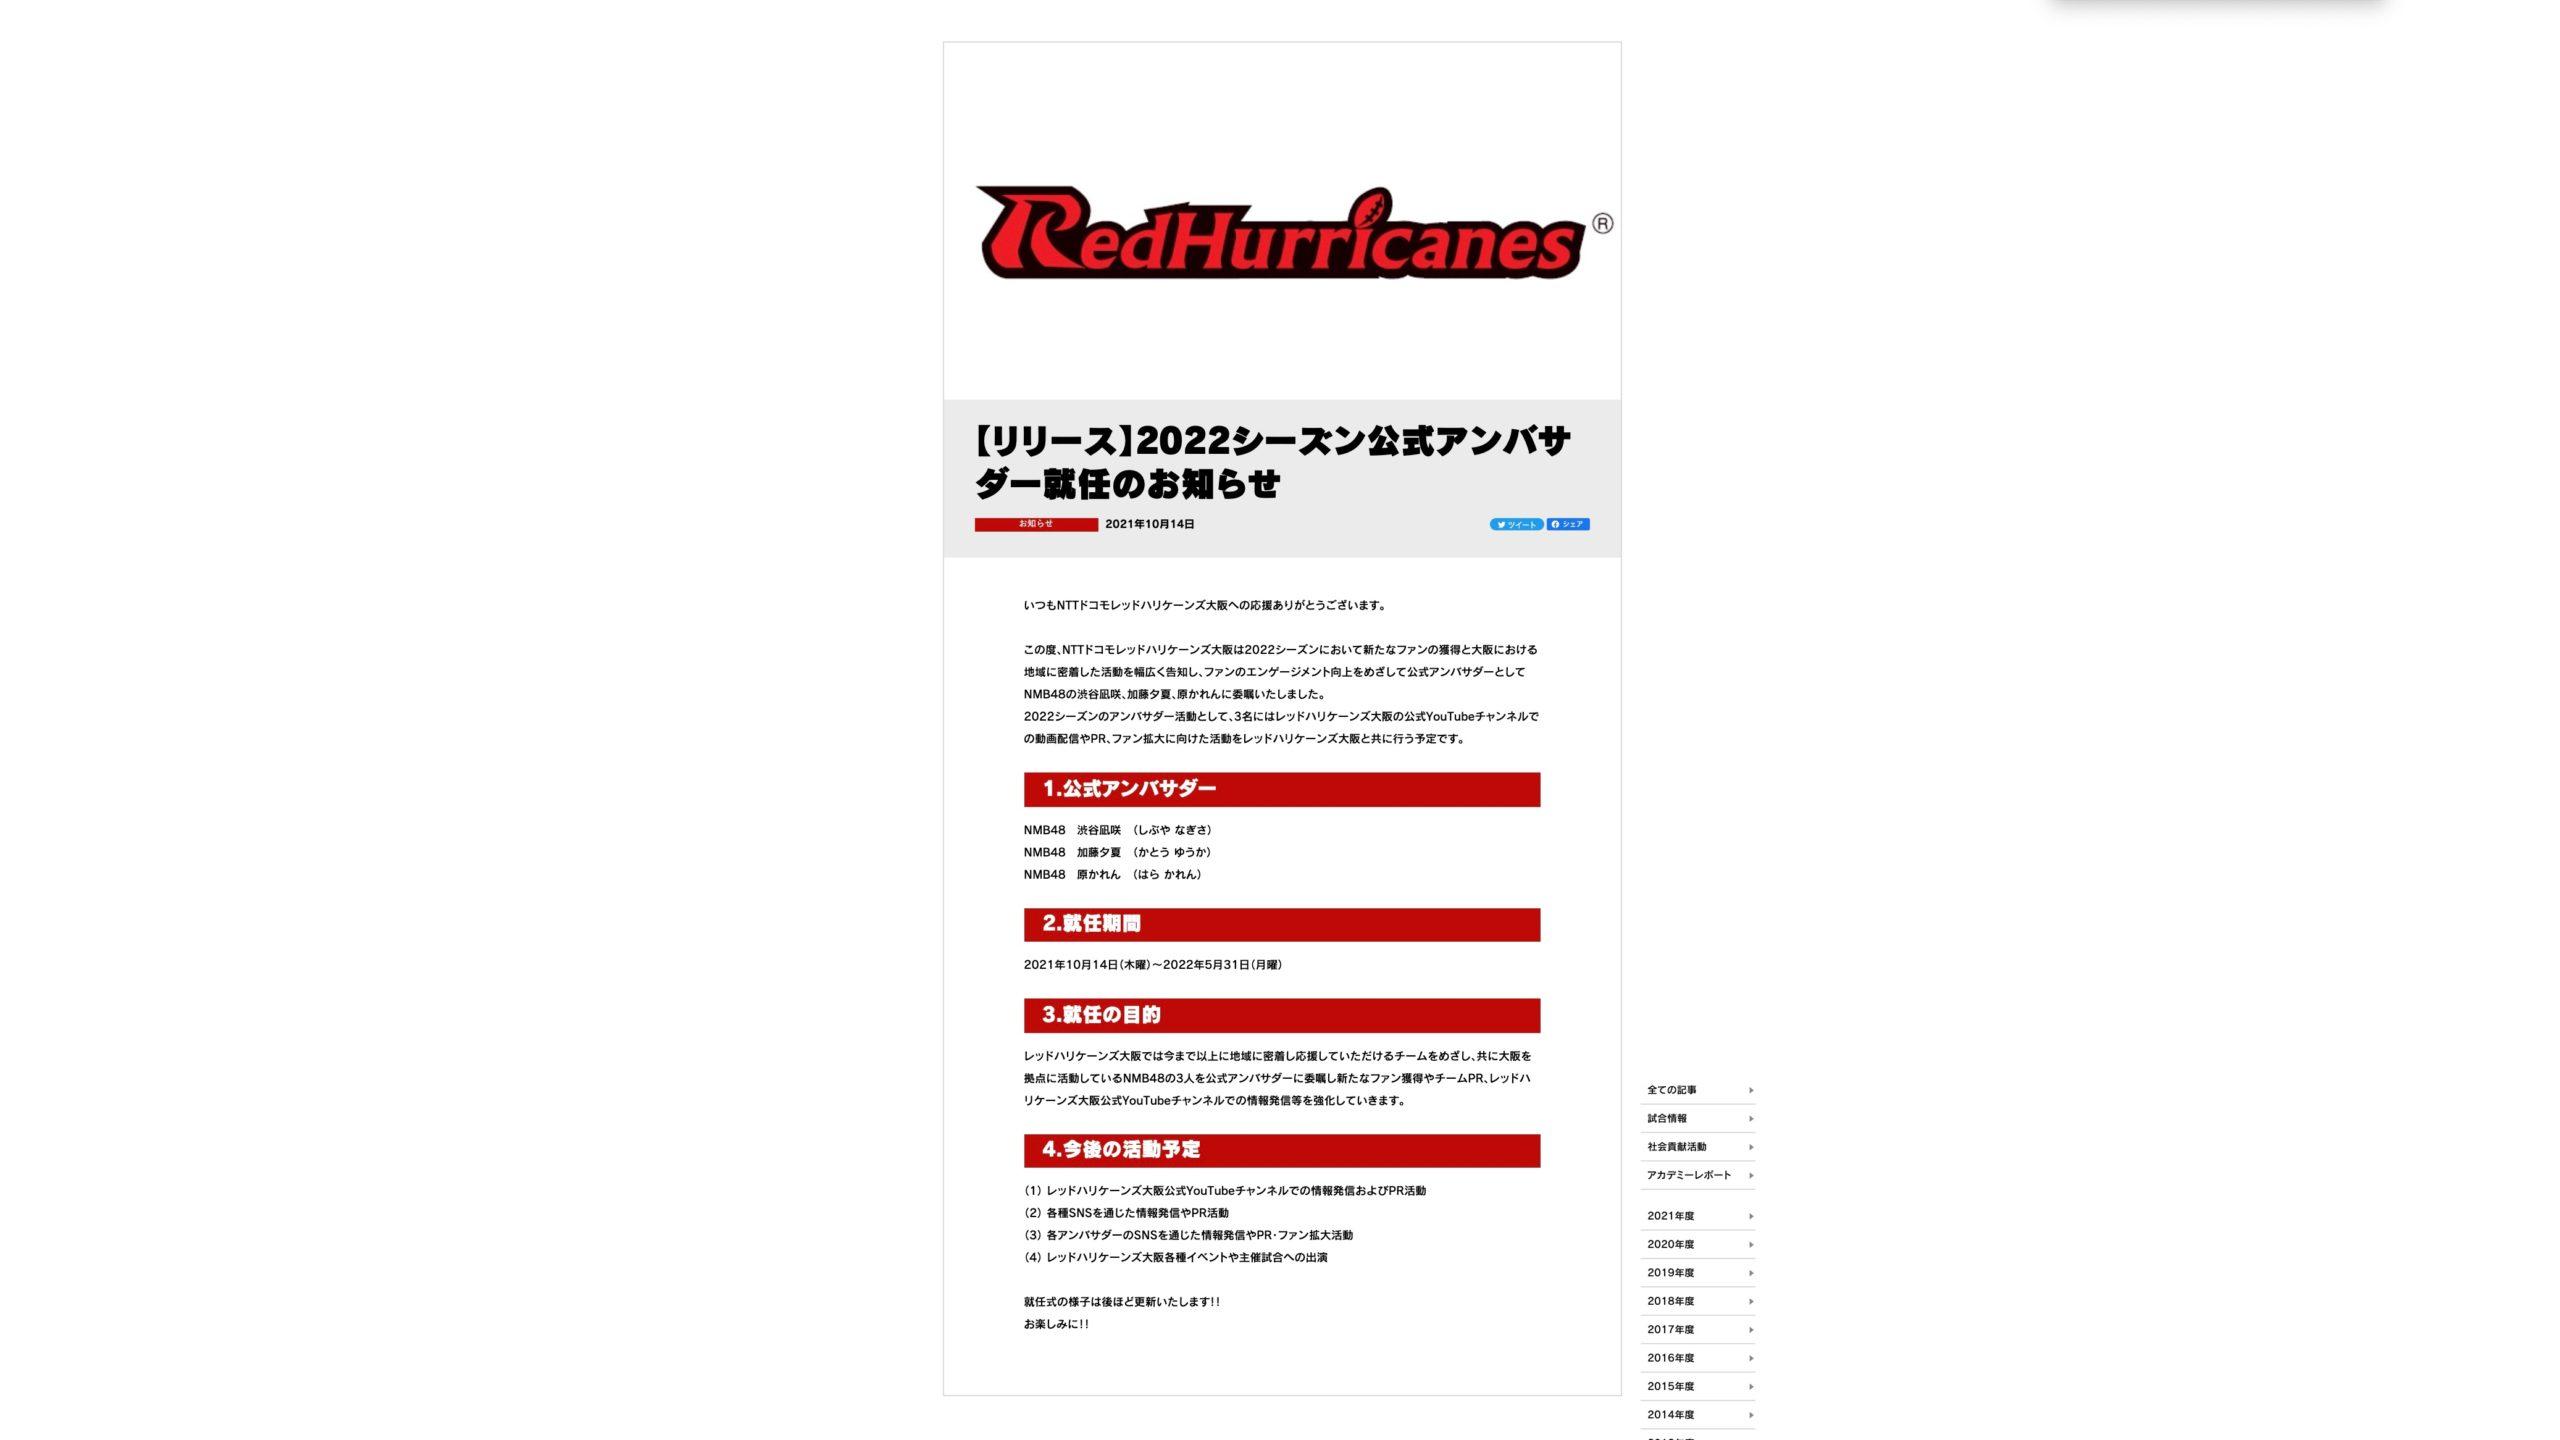 【渋谷凪咲/加藤夕夏/原かれん】ラグビー「NTTドコモレッドハリケーンズ大阪」公式アンバサダーに3人が就任